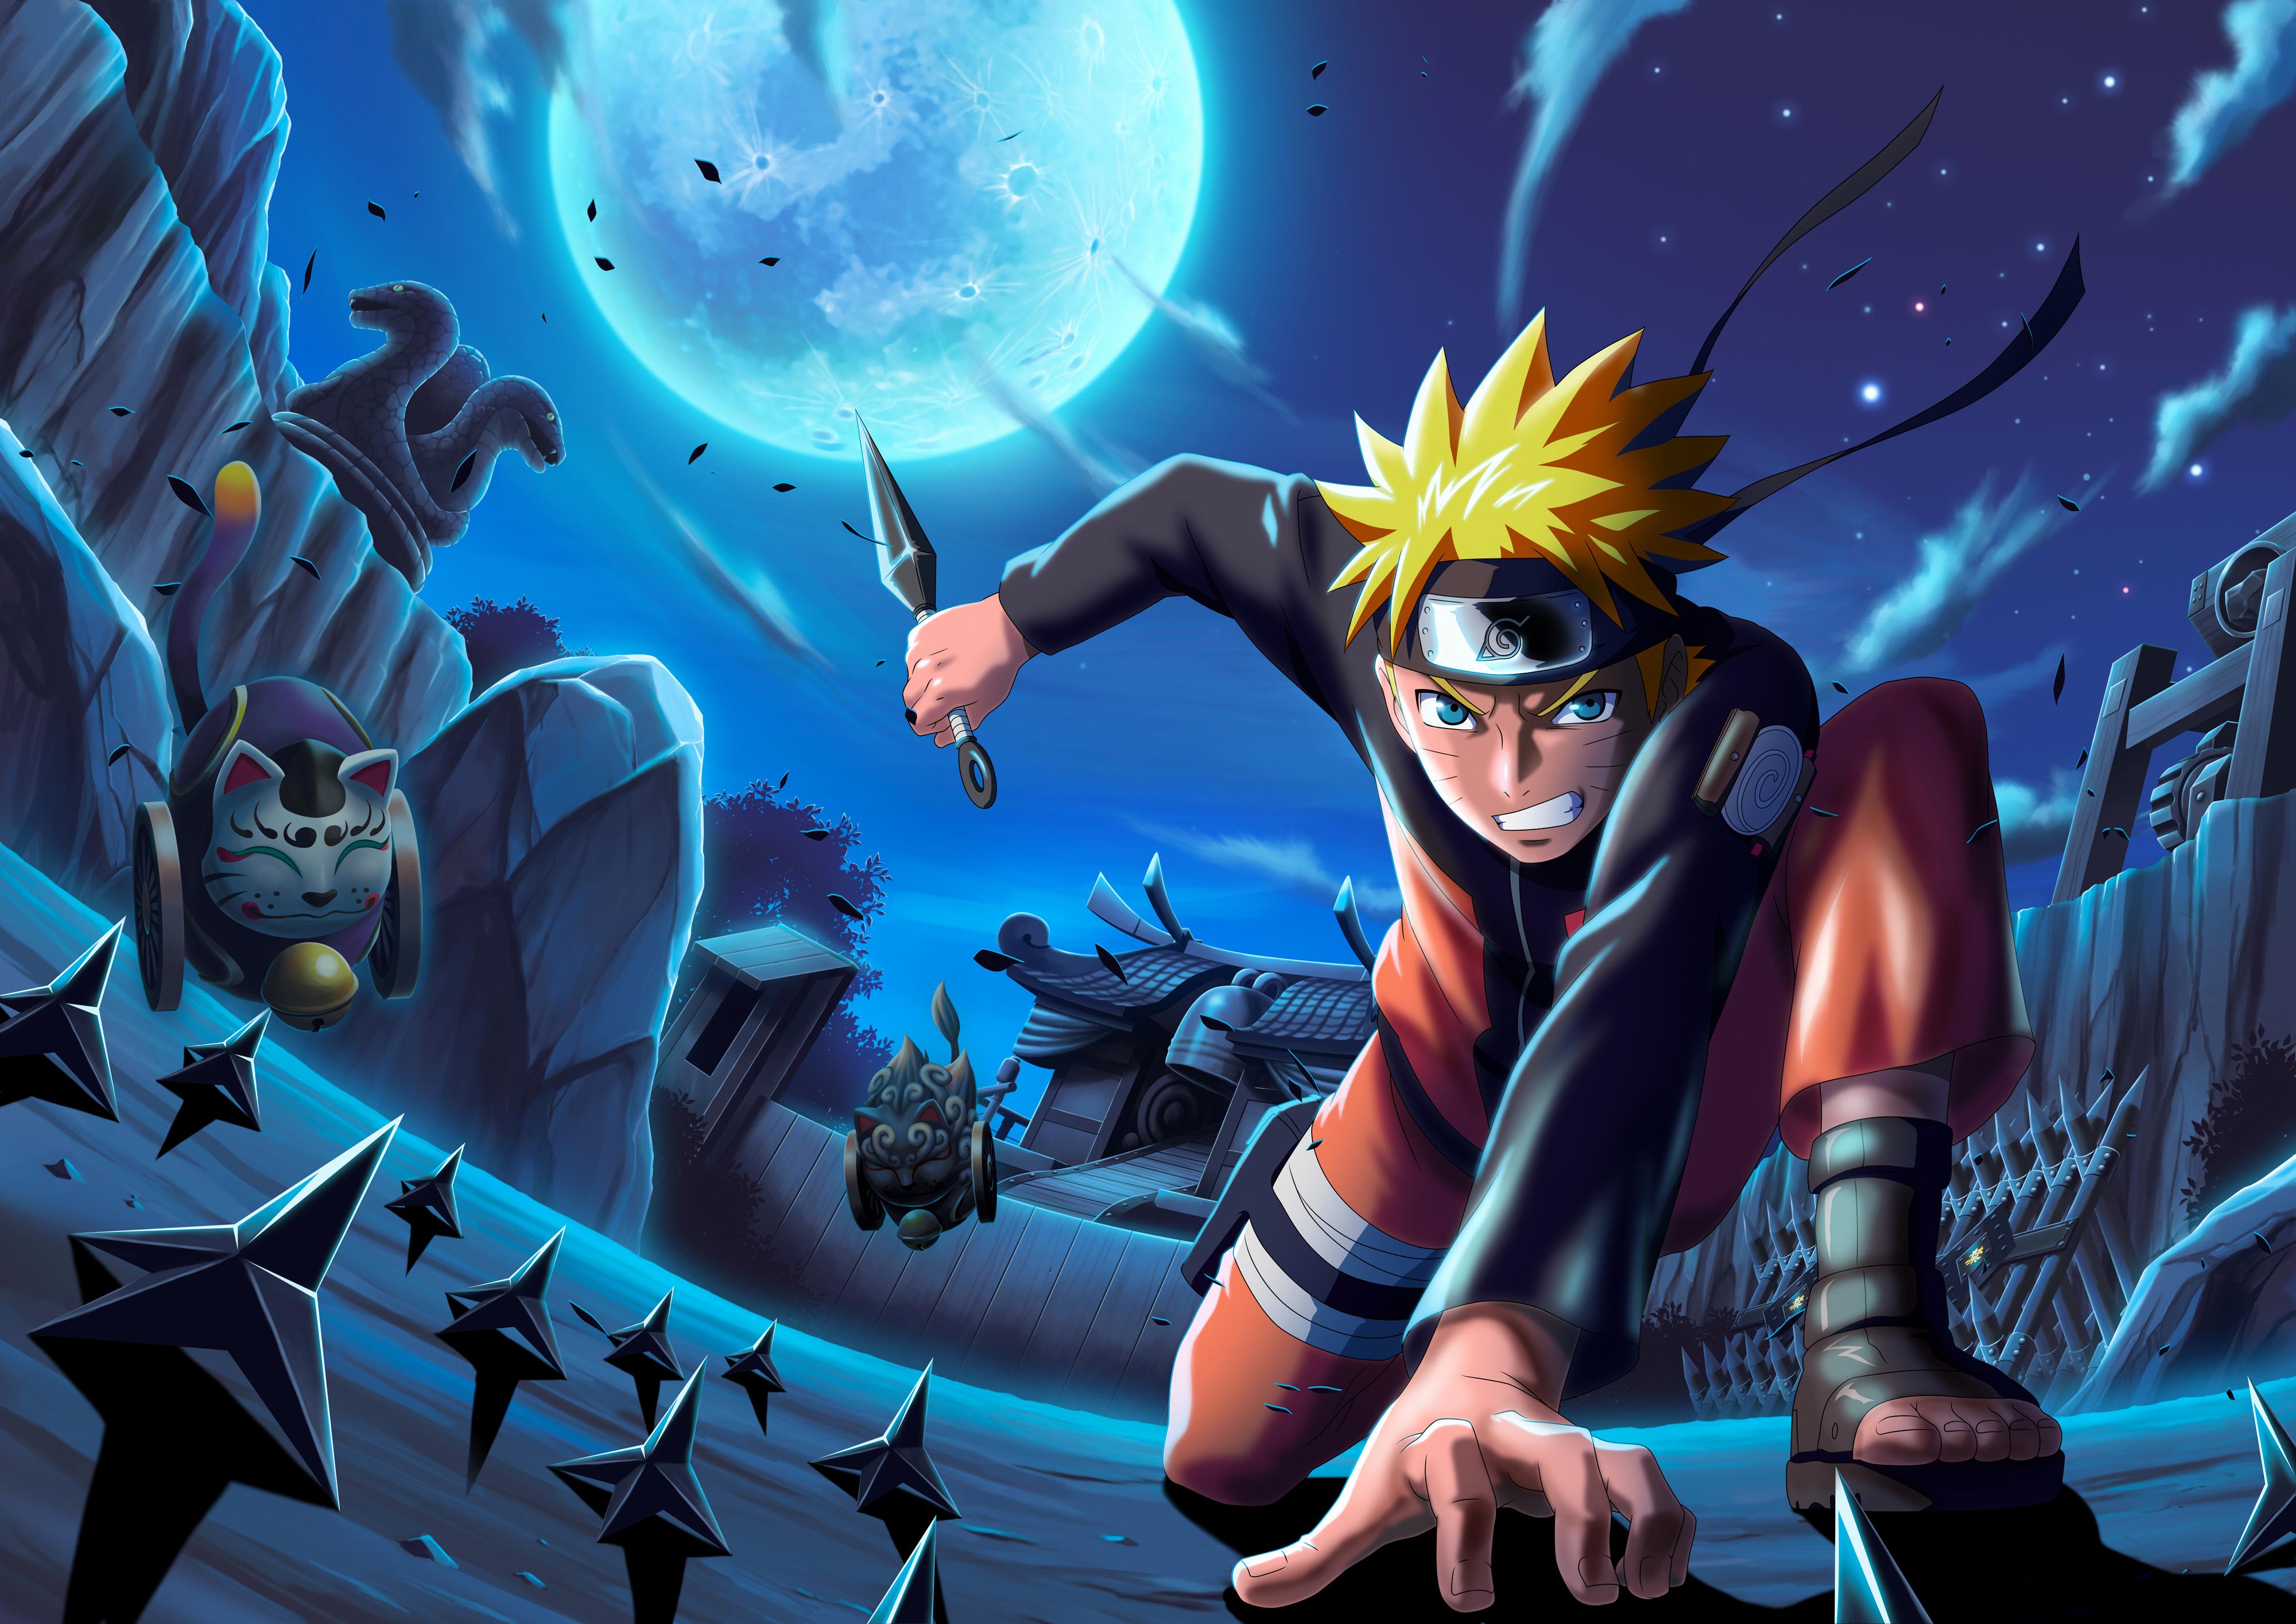 Naruto And Hinata Wallpaper 4k Phone Novocom Top